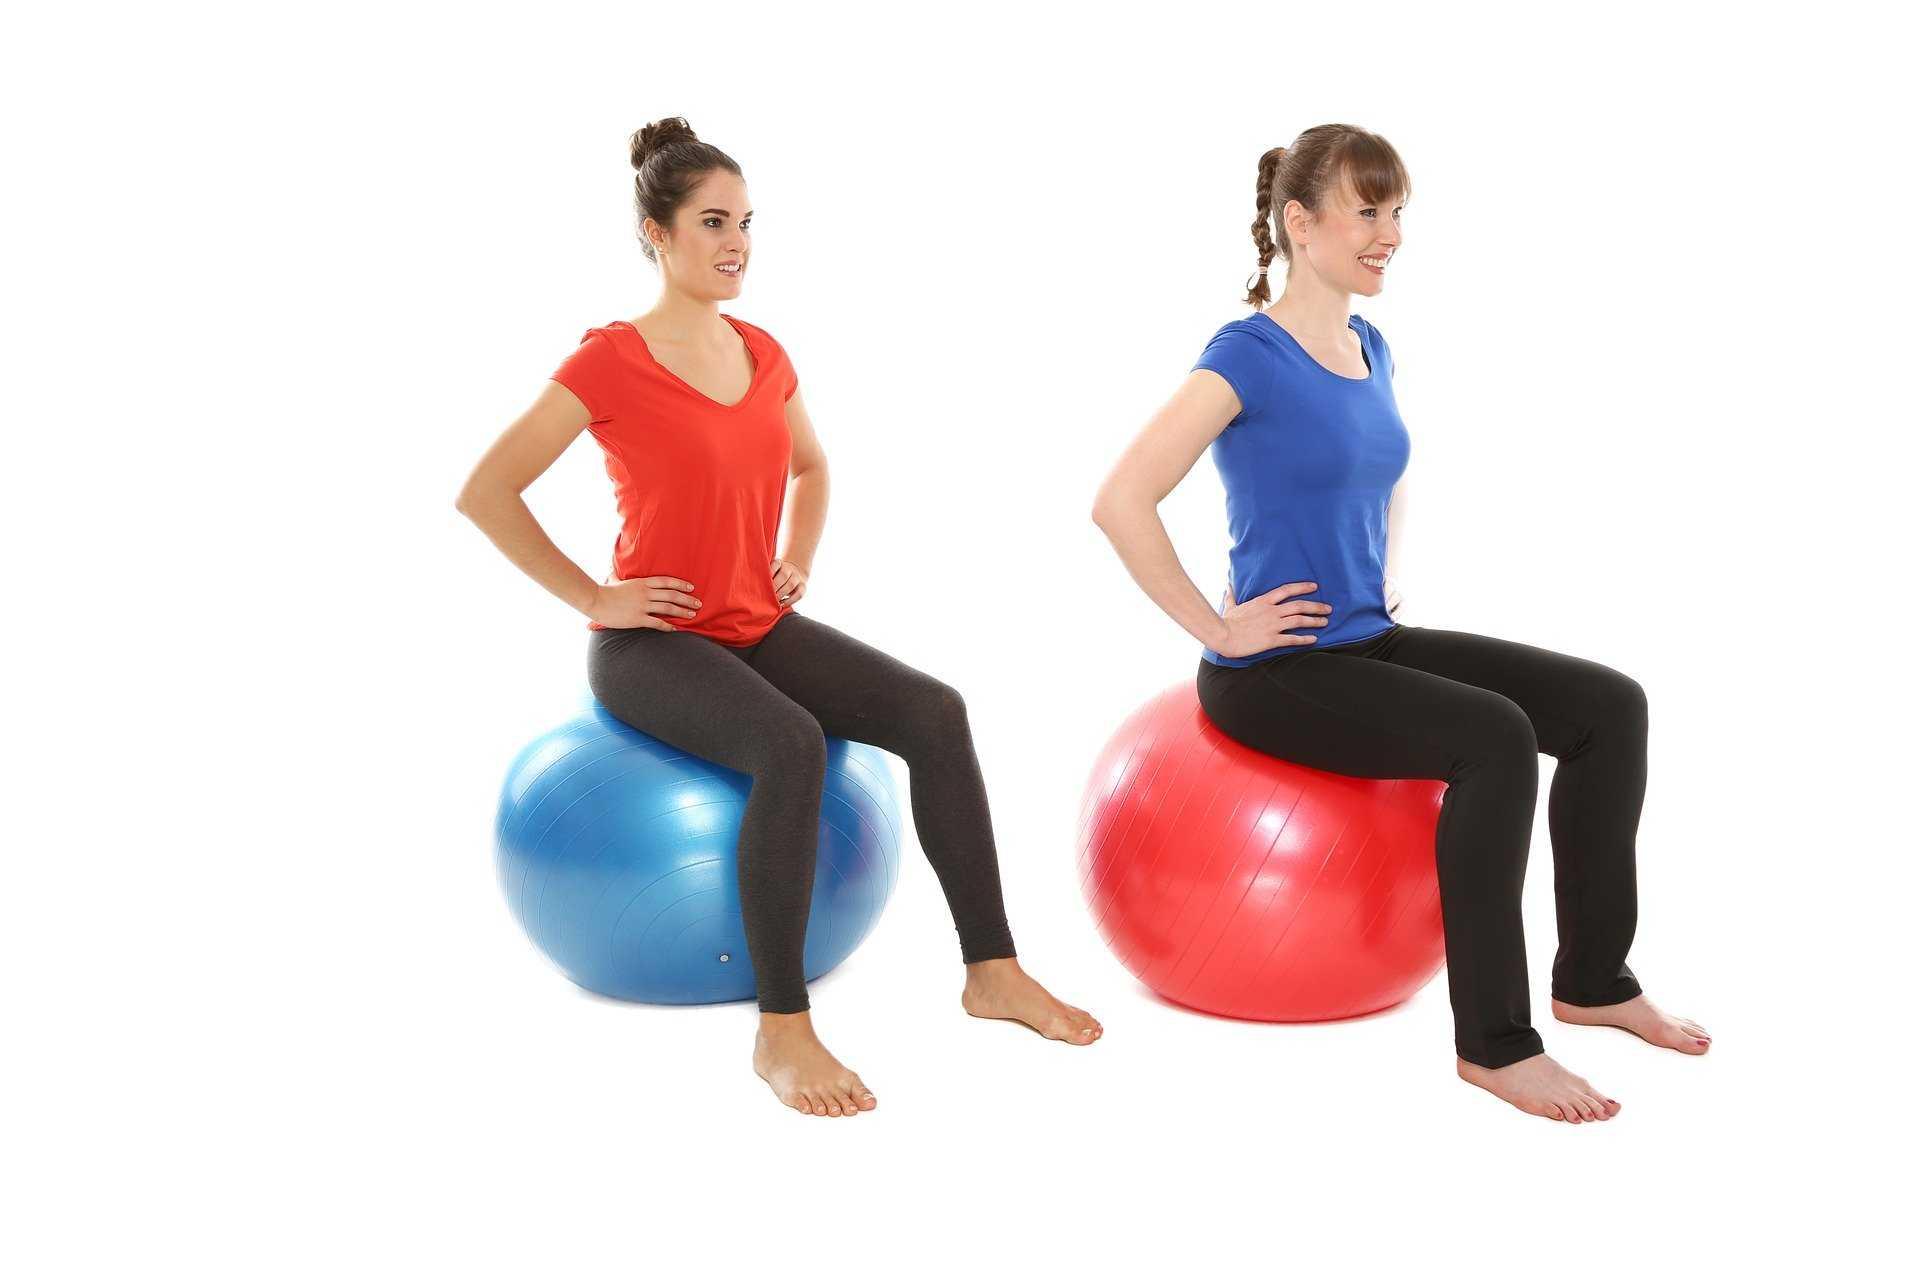 Йога на мяче: 125 фото и видео выполнения лучших упражнений для живота и спины